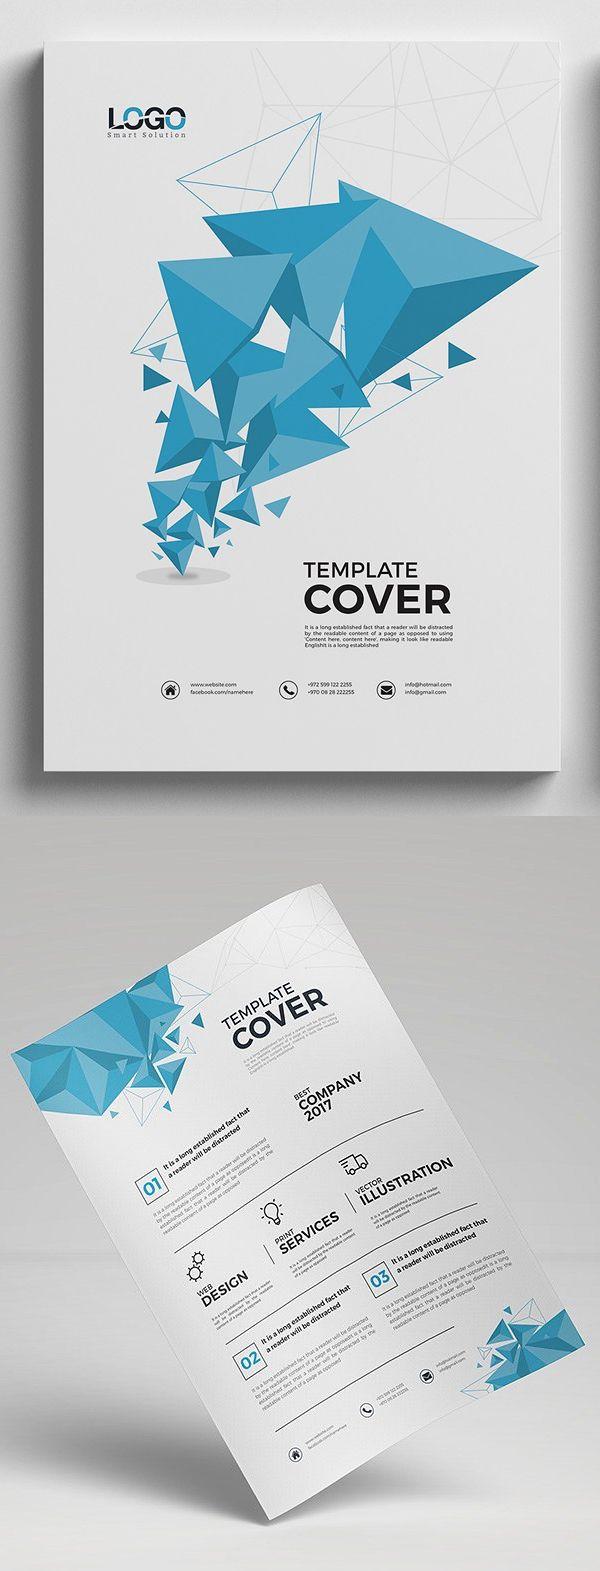 Abstract Modern Business Flyer #design #flyerdesign #flyertemplates #posterdesign #corporateflyer